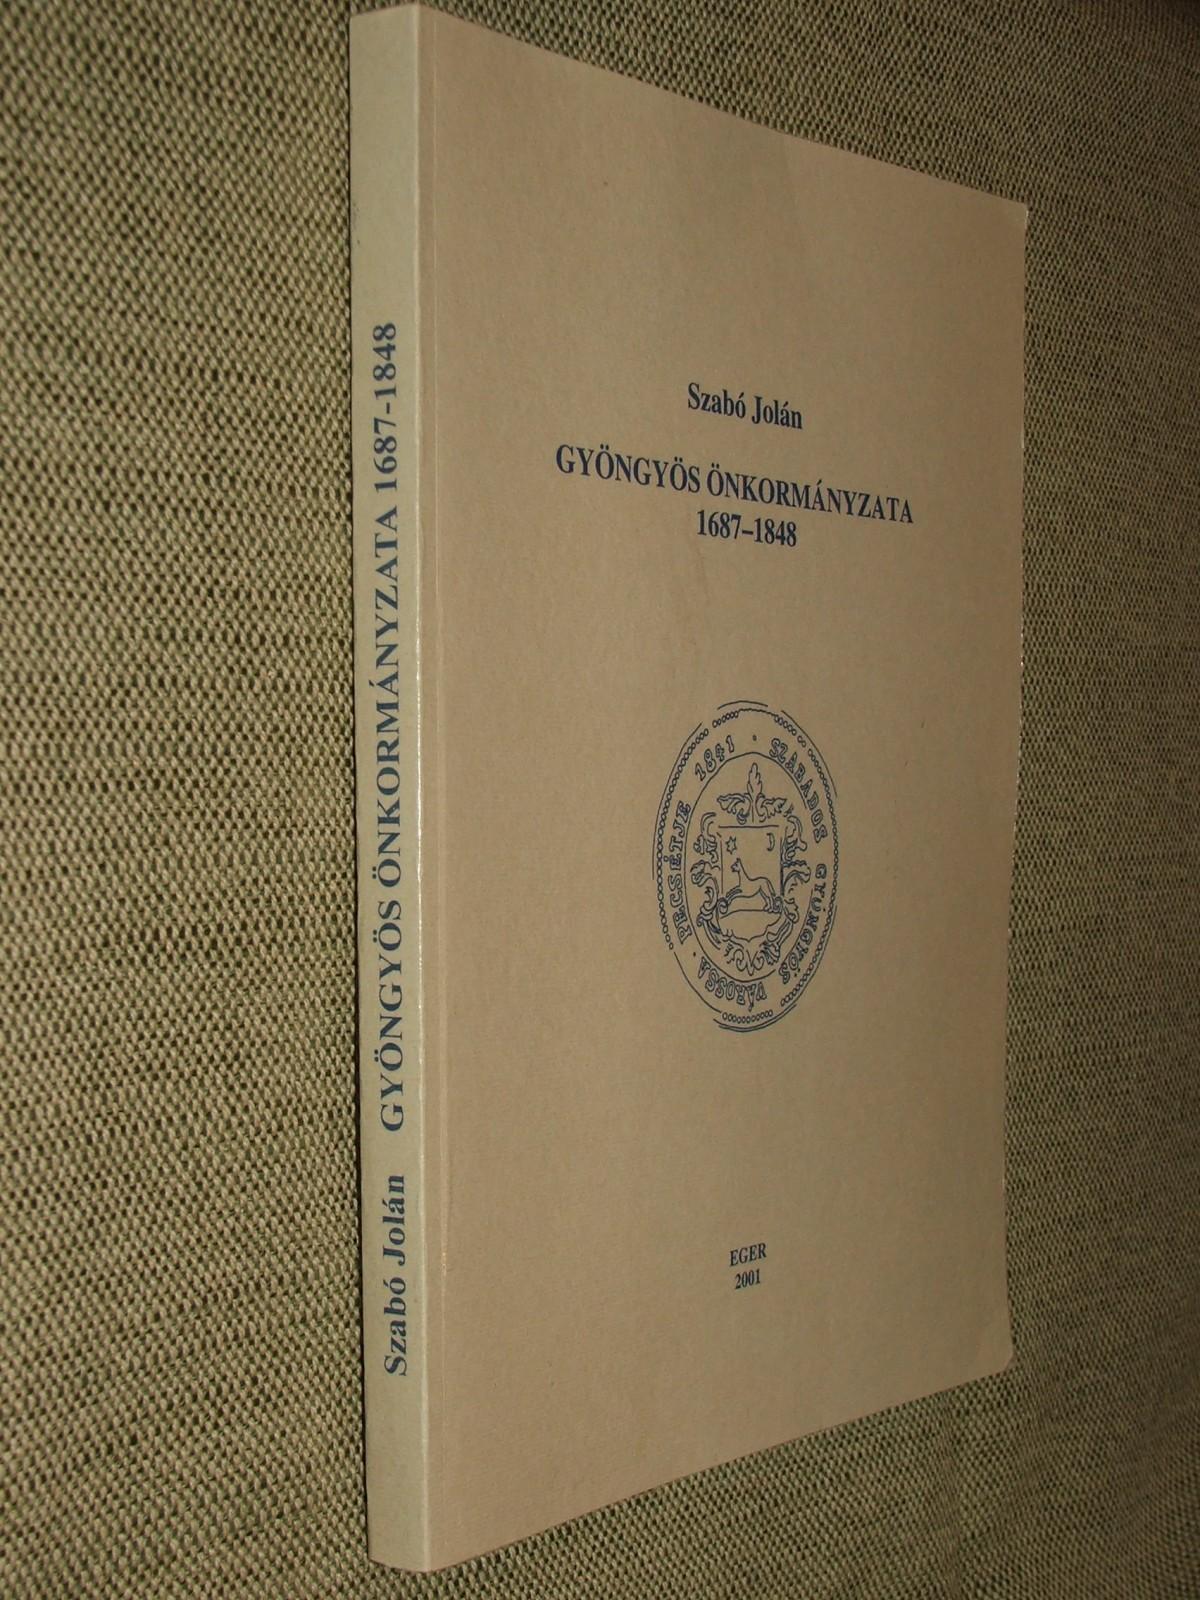 SZABÓ Jolán: Gyöngyös önkormányzata 1687-1848